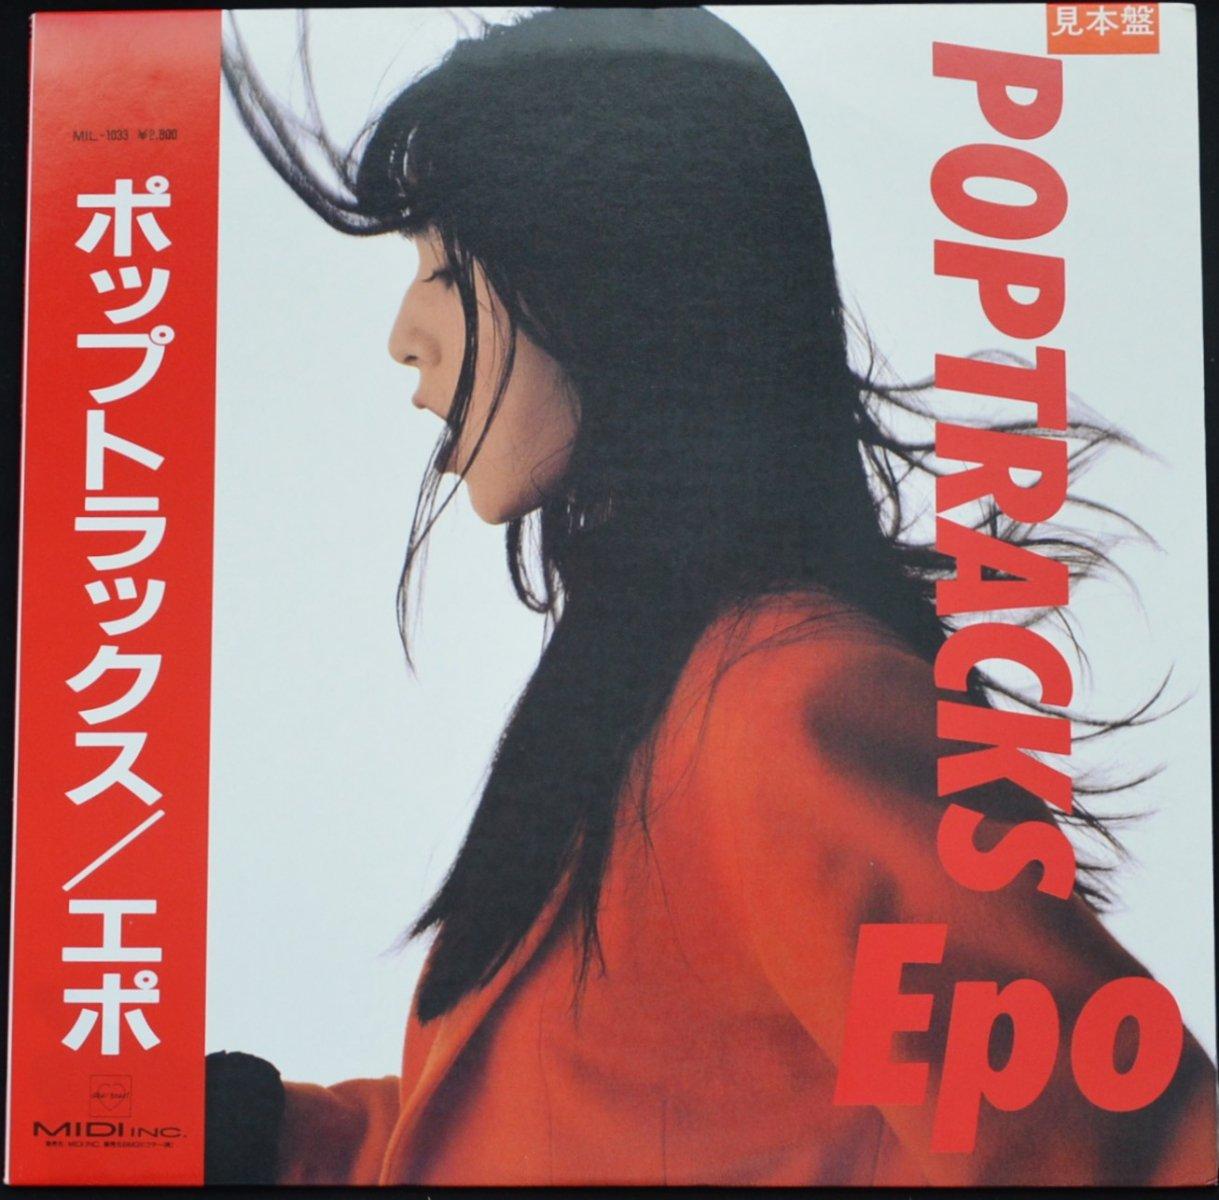 エポ EPO / ポップトラックス POPTRACKS (LP)